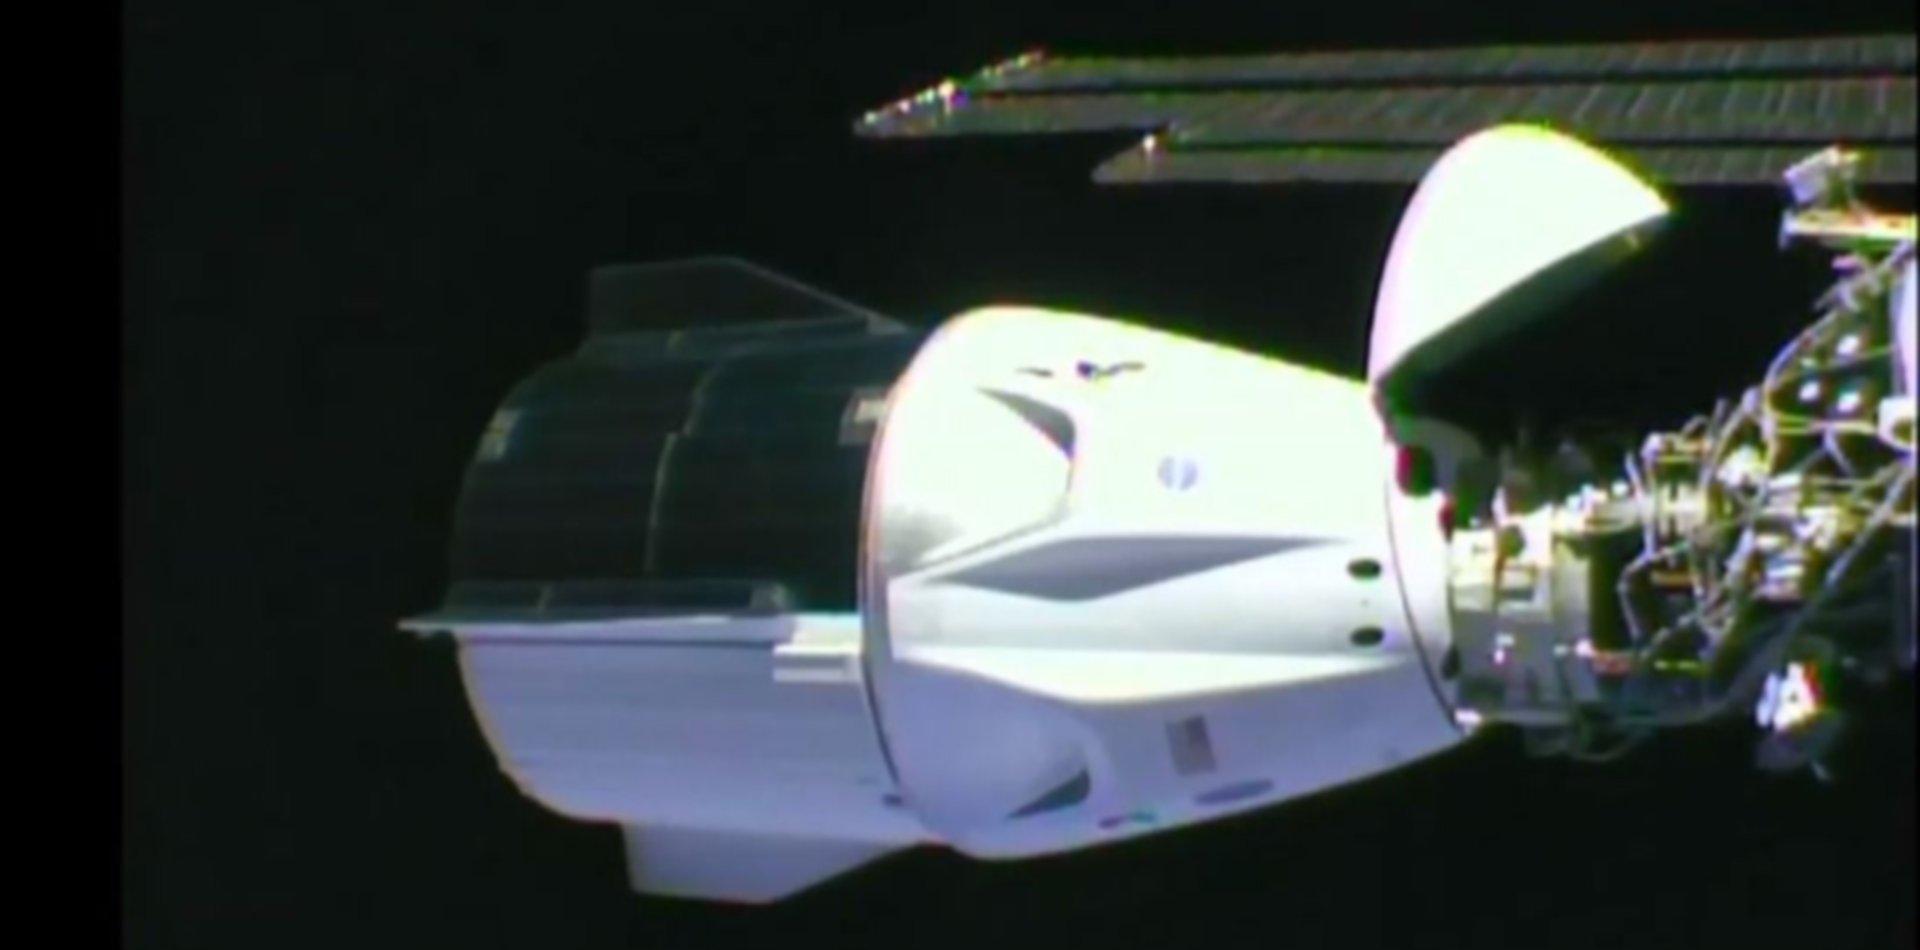 VIDEO: La nave Crew Dragon se acopló con éxito a la Estación Espacial Internacional